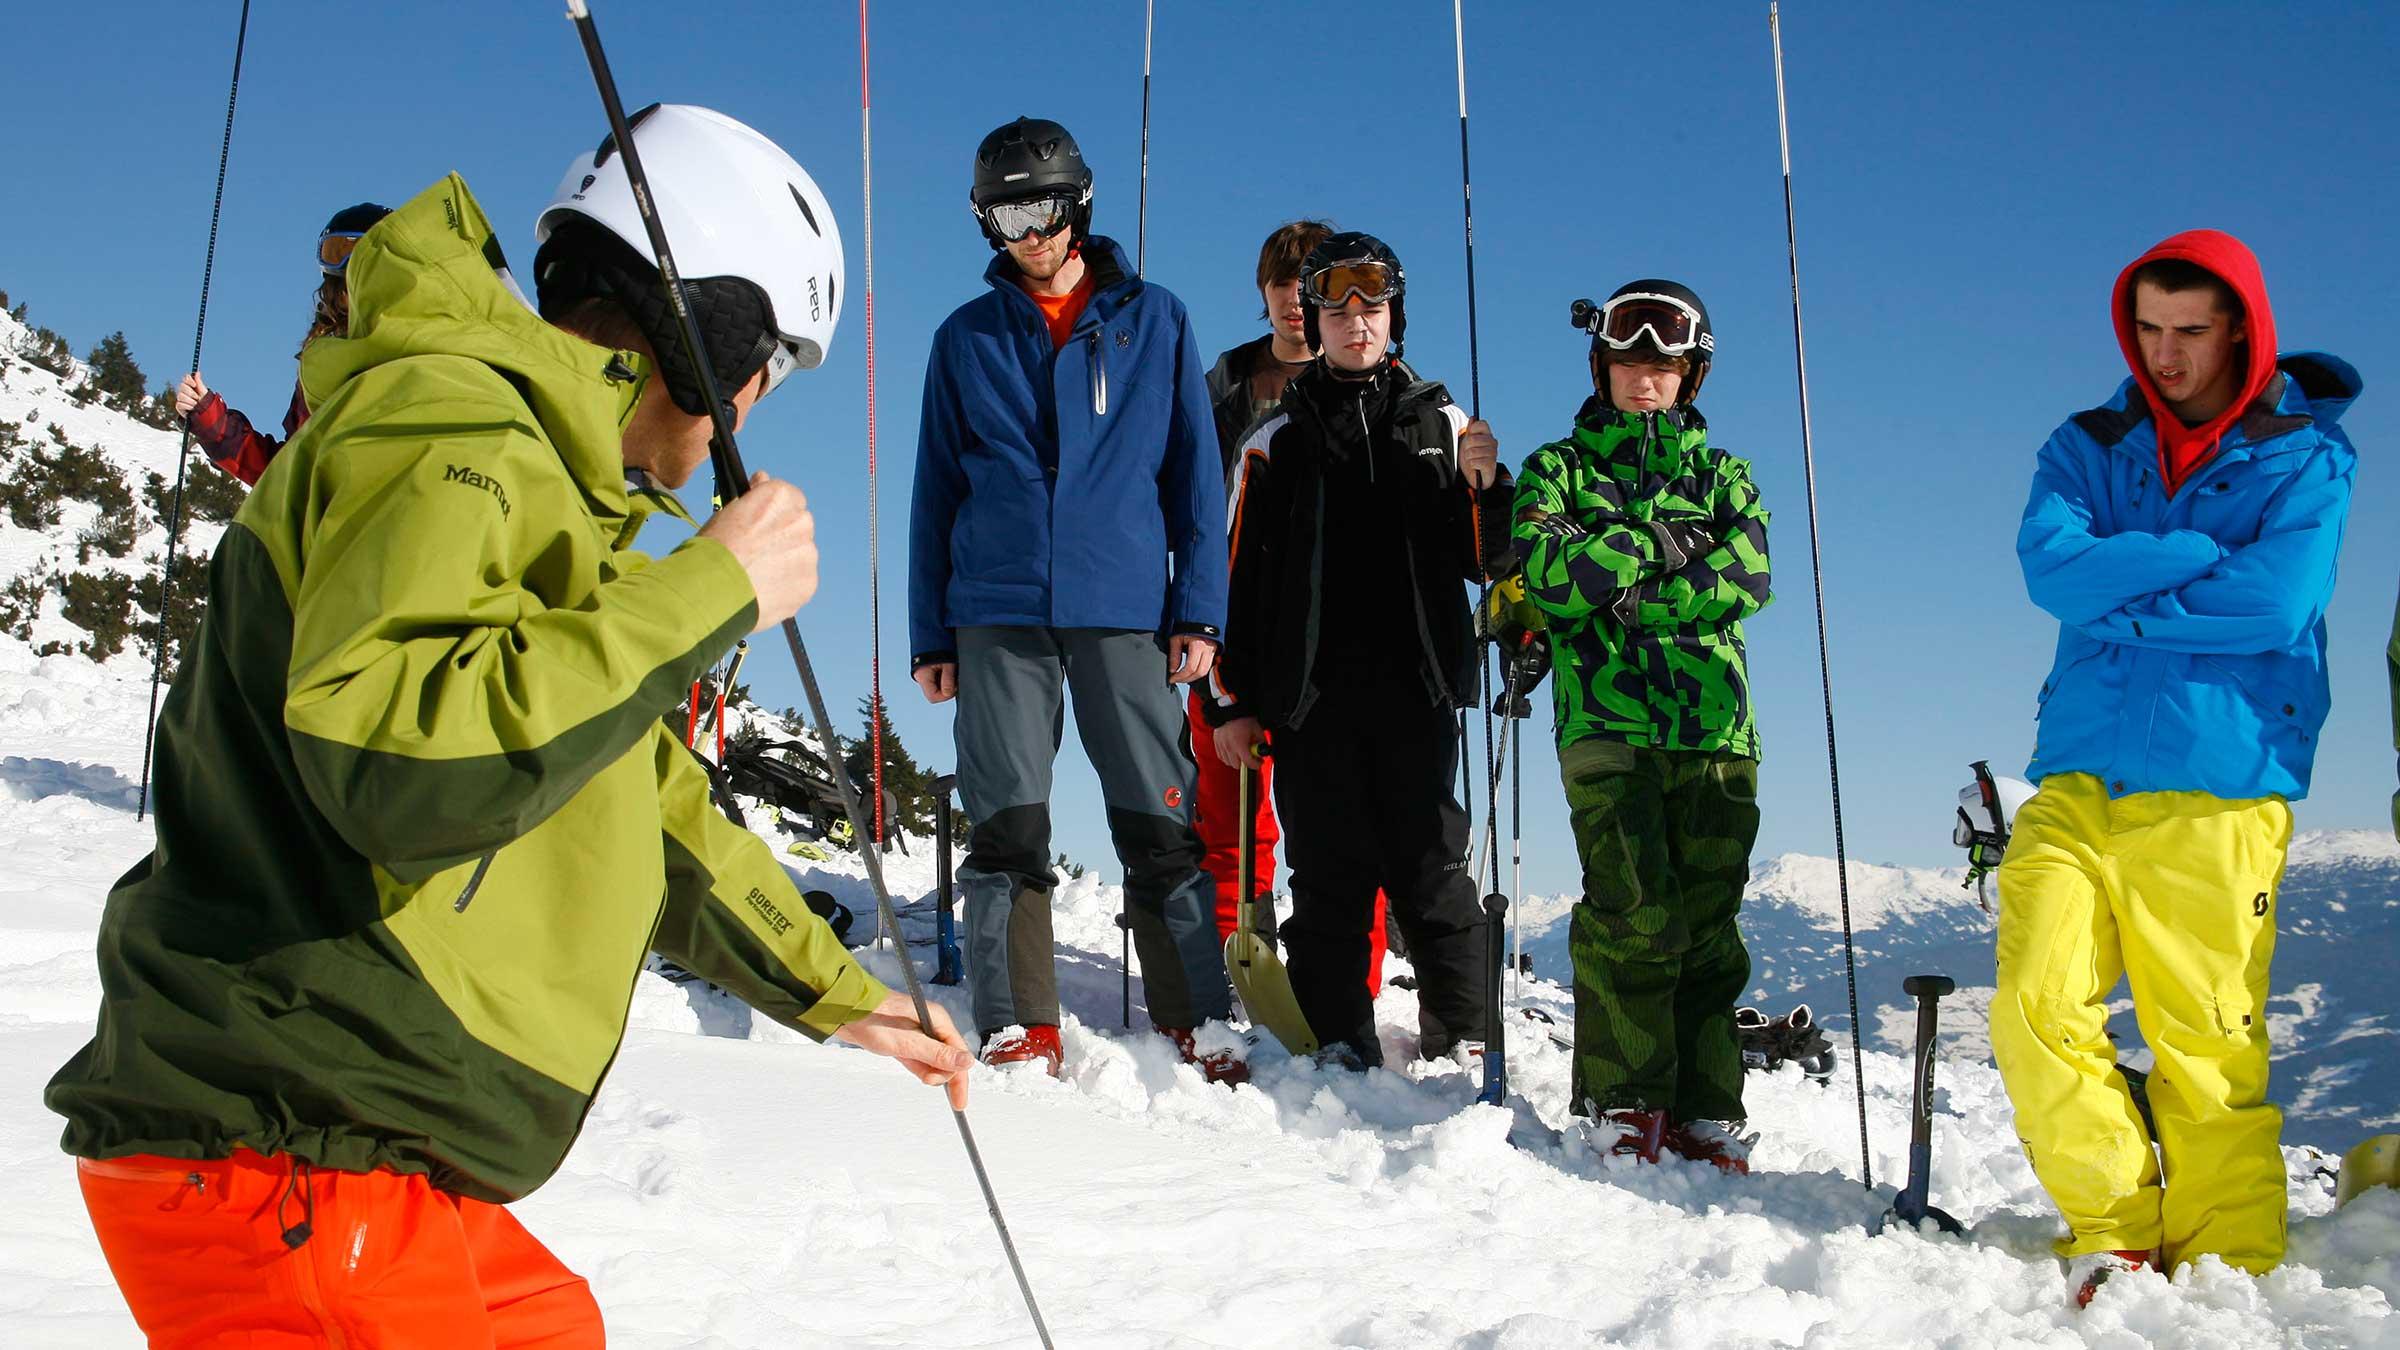 Unterricht mit der Sonde - SNOWHOW Workshop Lawine Obergurgl-Hochgurgl